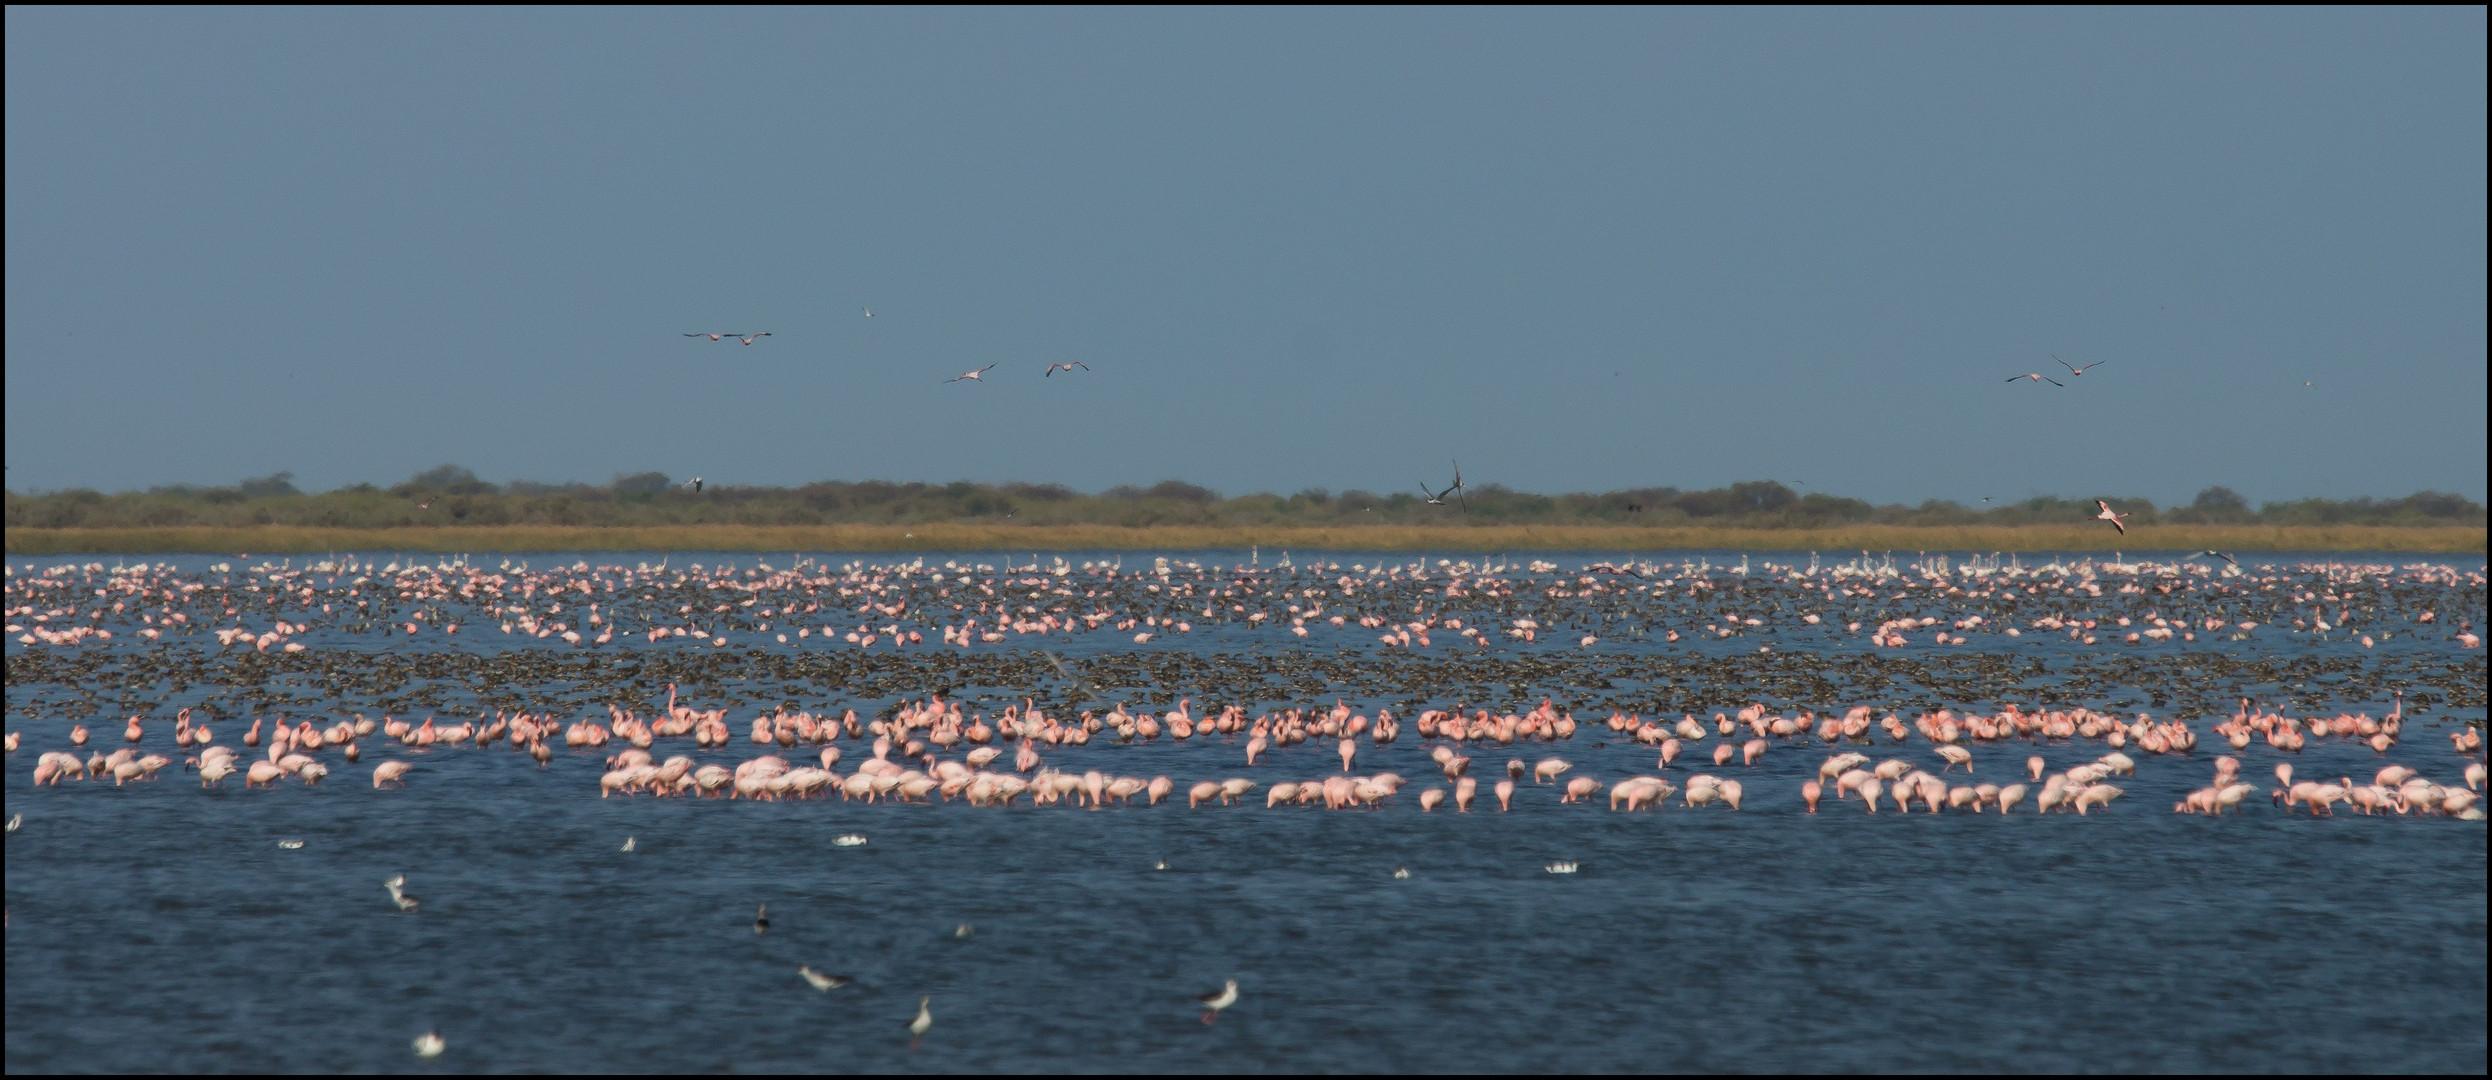 Vögel en masse